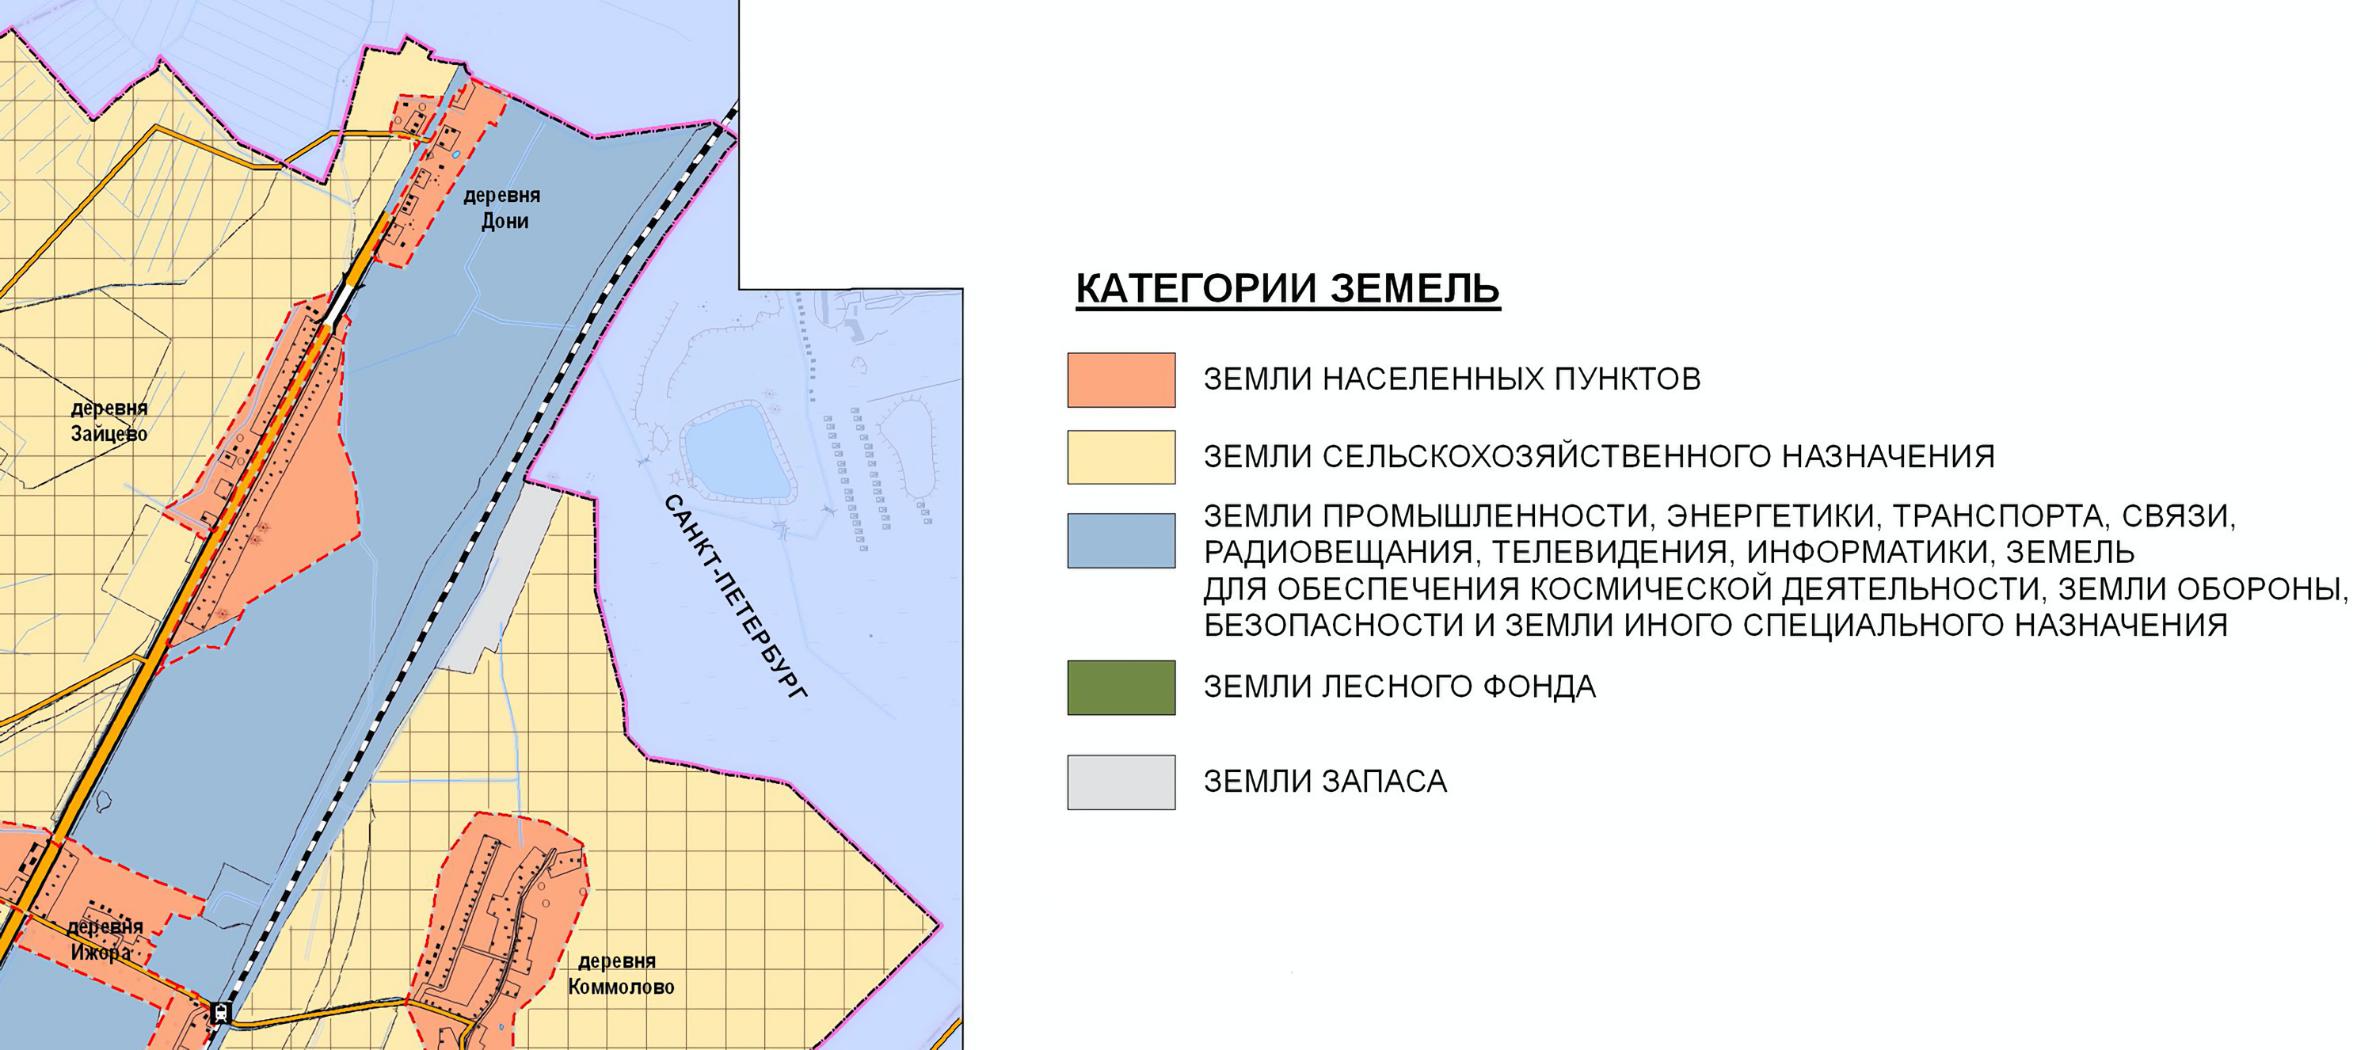 Наглядно видно, чтоземельные участки в деревни Дони относятся к категории земель населенных пунктов, — они выделены на карте светло-оранжевым. В то время как земельные участки, расположенные в СНТ, относятся к категории земель сельскохозяйственного назначения и выделены светло-желтым